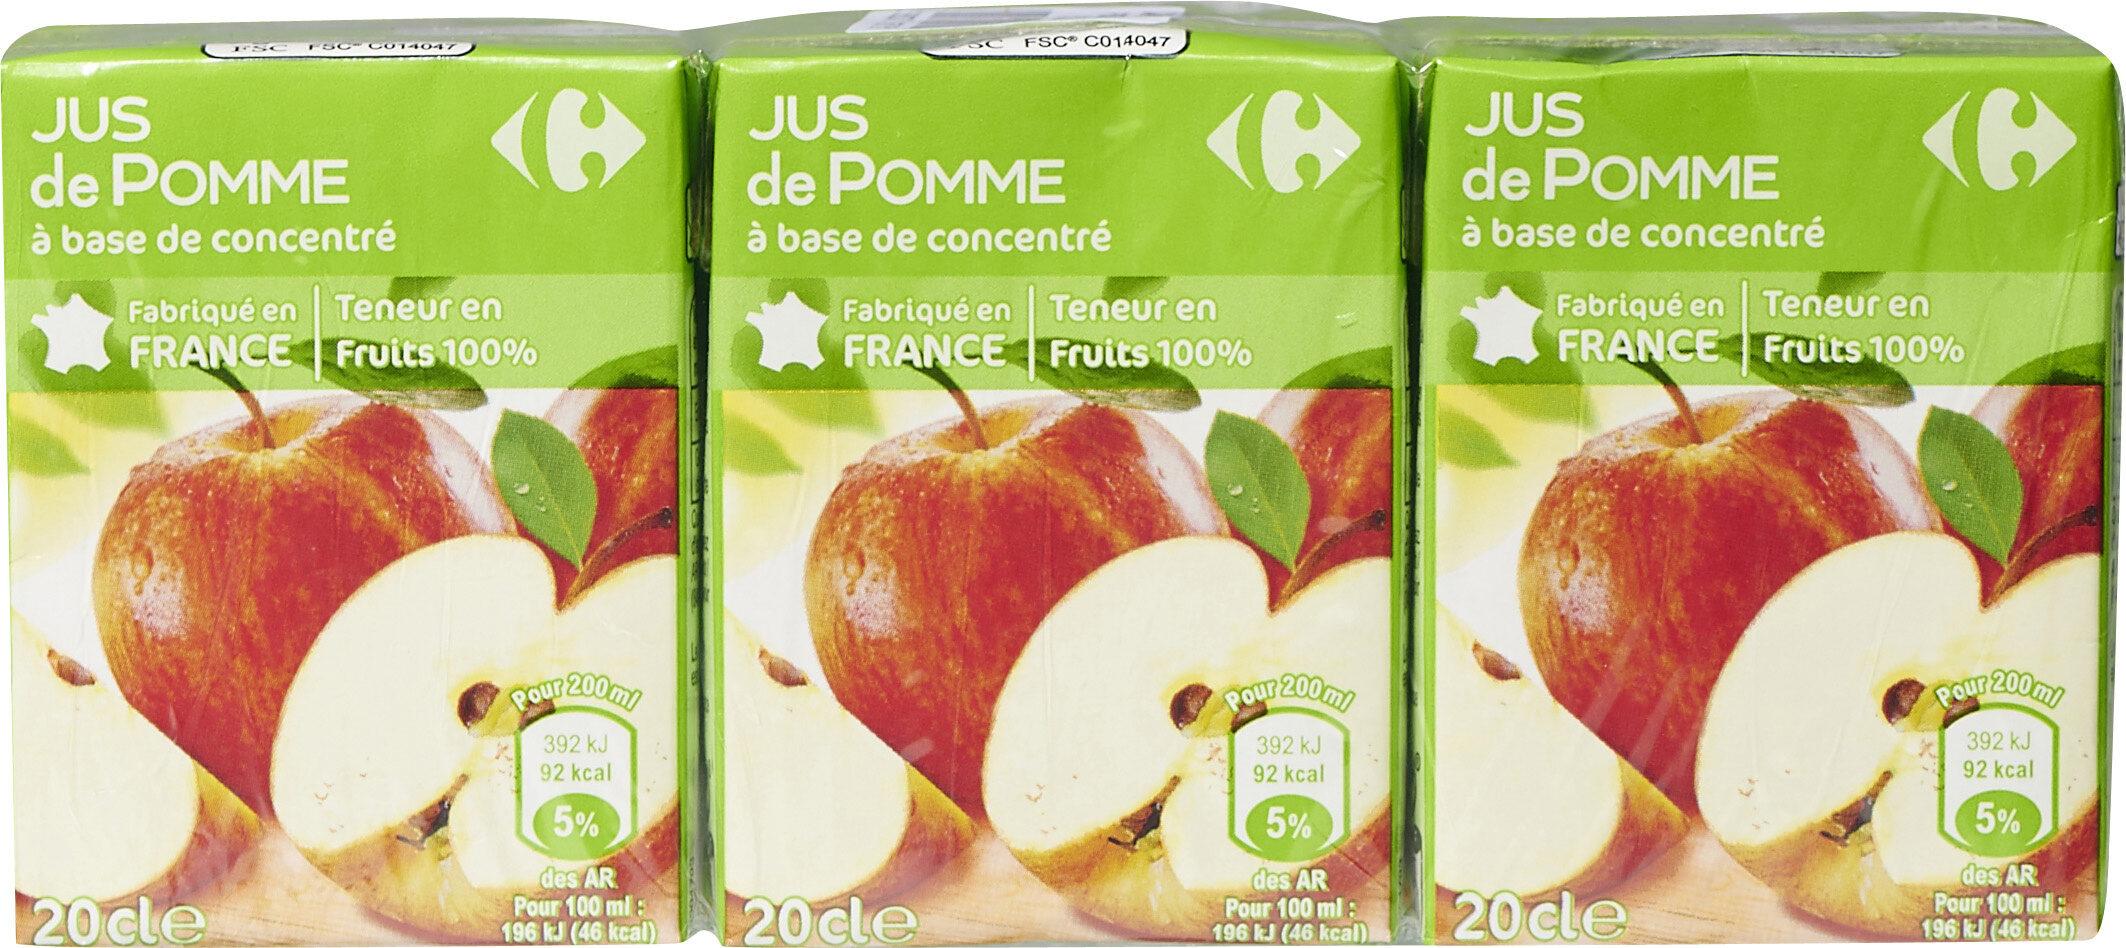 Pomme, Jus à base de concentré - Product - fr